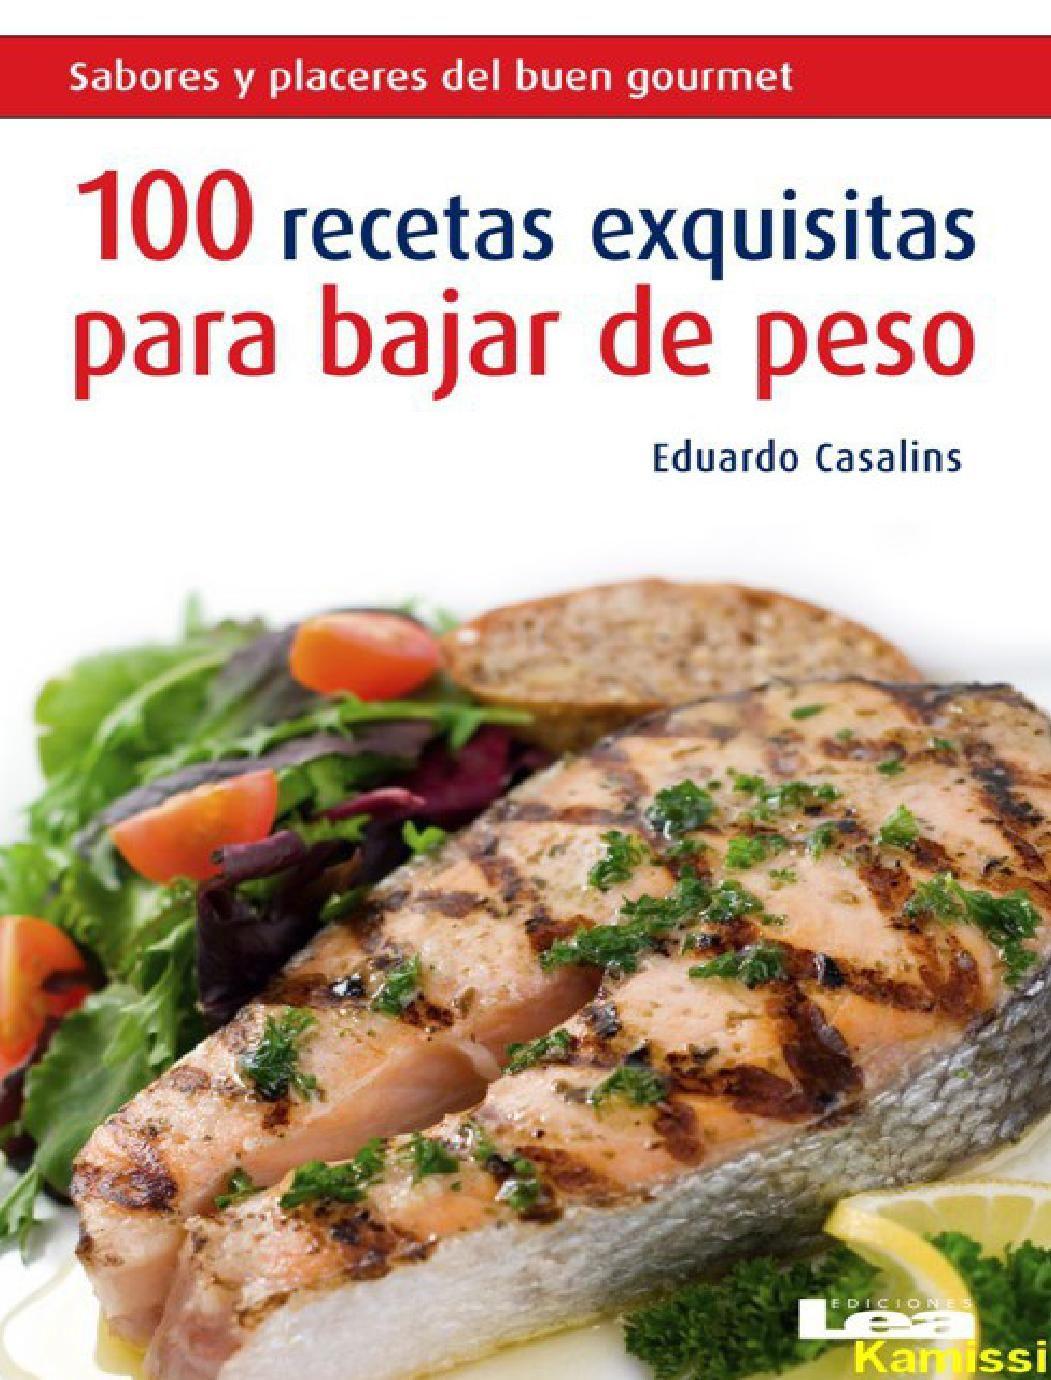 100 Recetas Exquisitas Para Baj Eduardo Casalins Cocinar